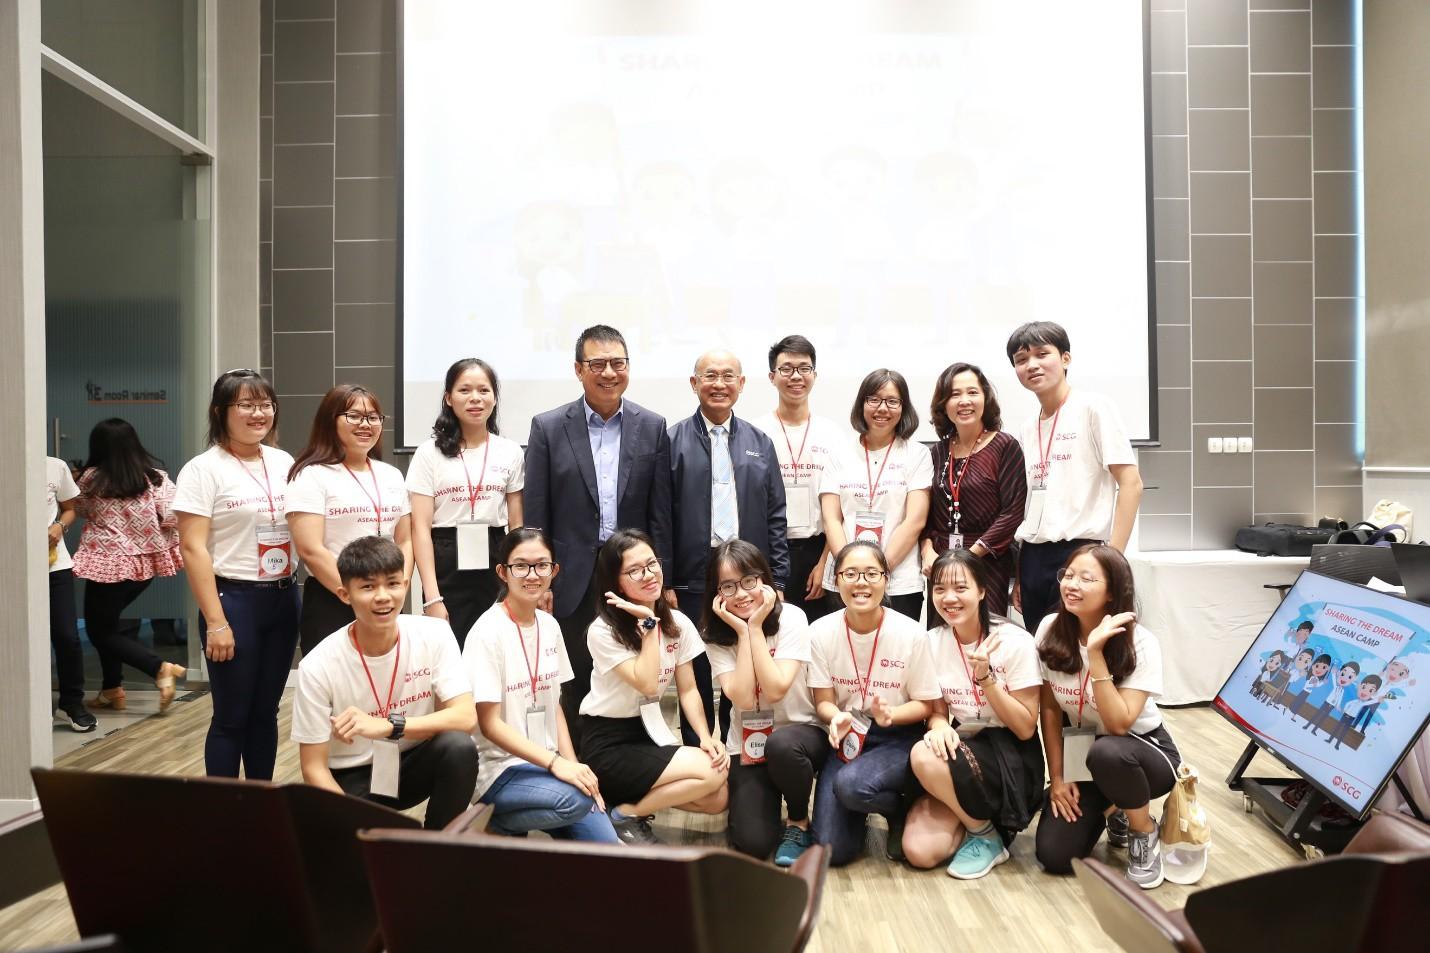 Giới trẻ ASEAN cất tiếng nói chung tay bảo vệ môi trường từ Hội trại quốc tế về kinh tế tuần hoàn - Ảnh 1.